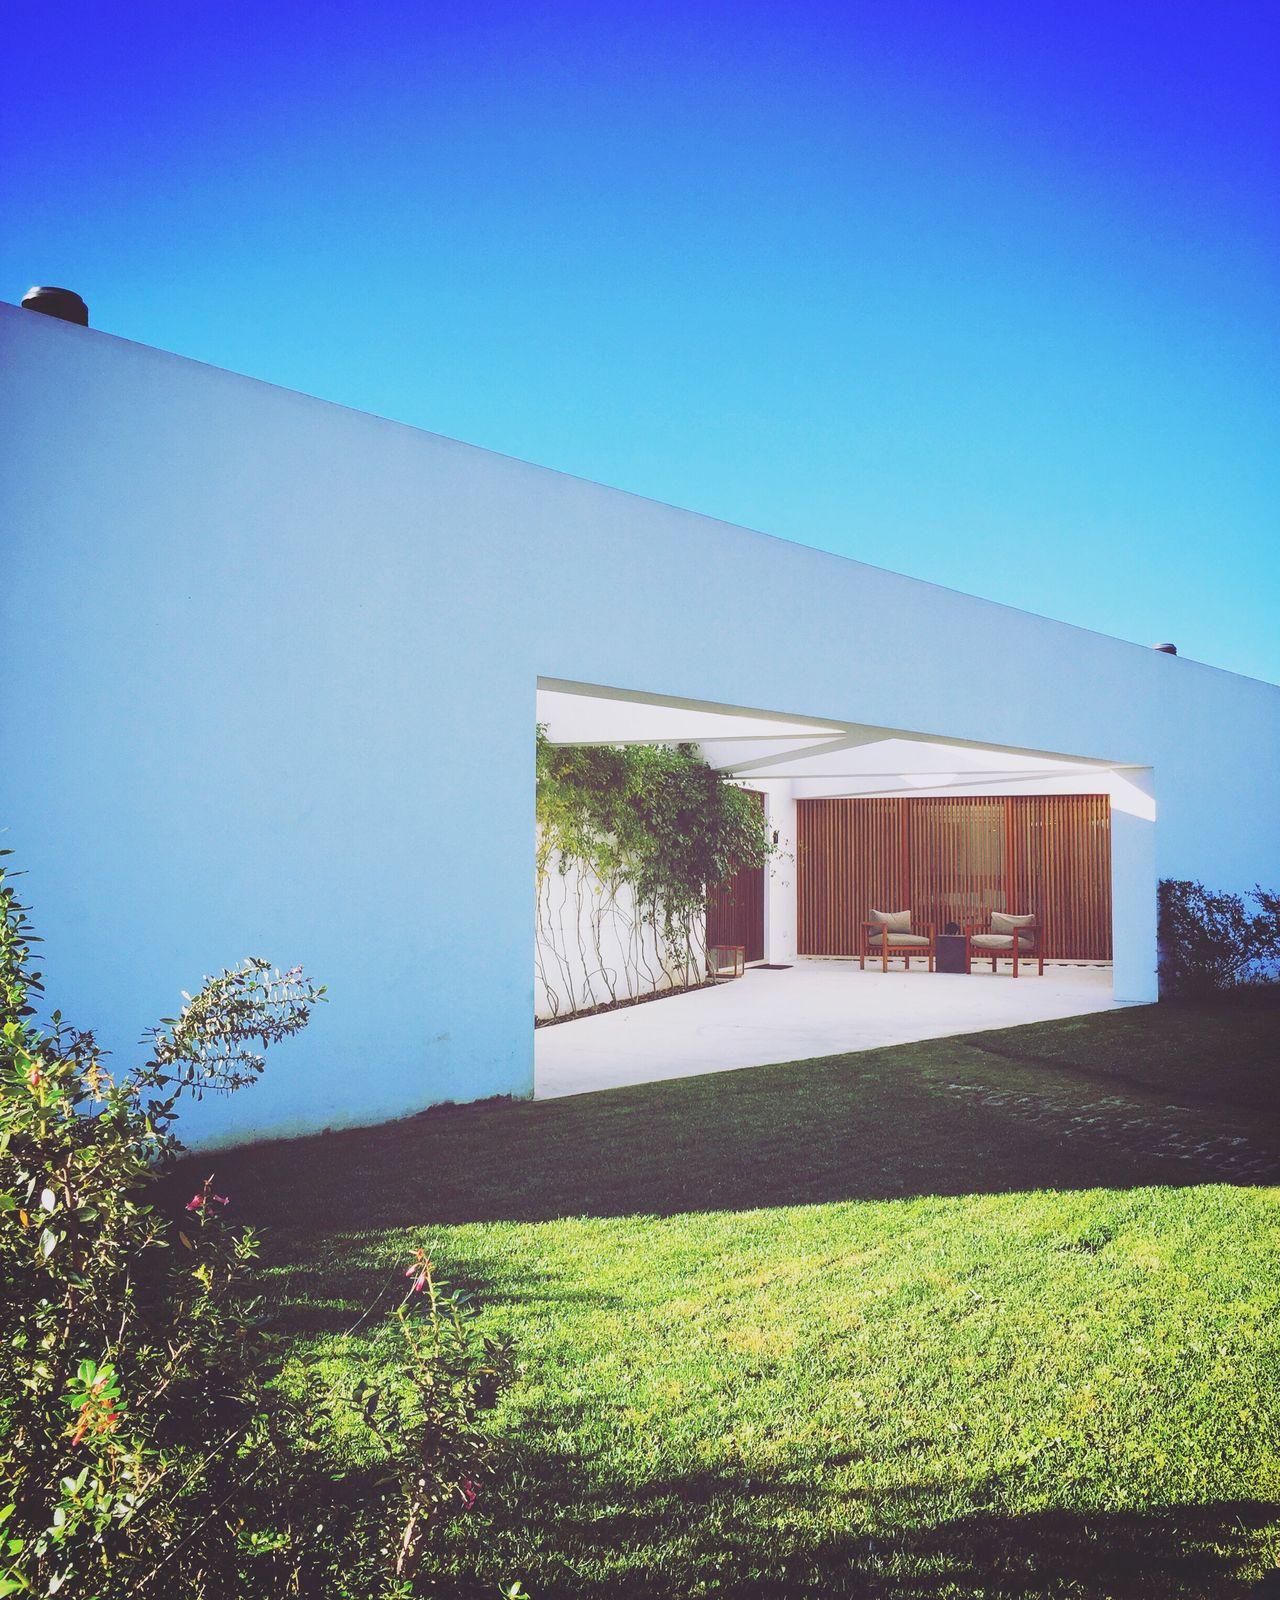 Architecture Design Land Vineyards